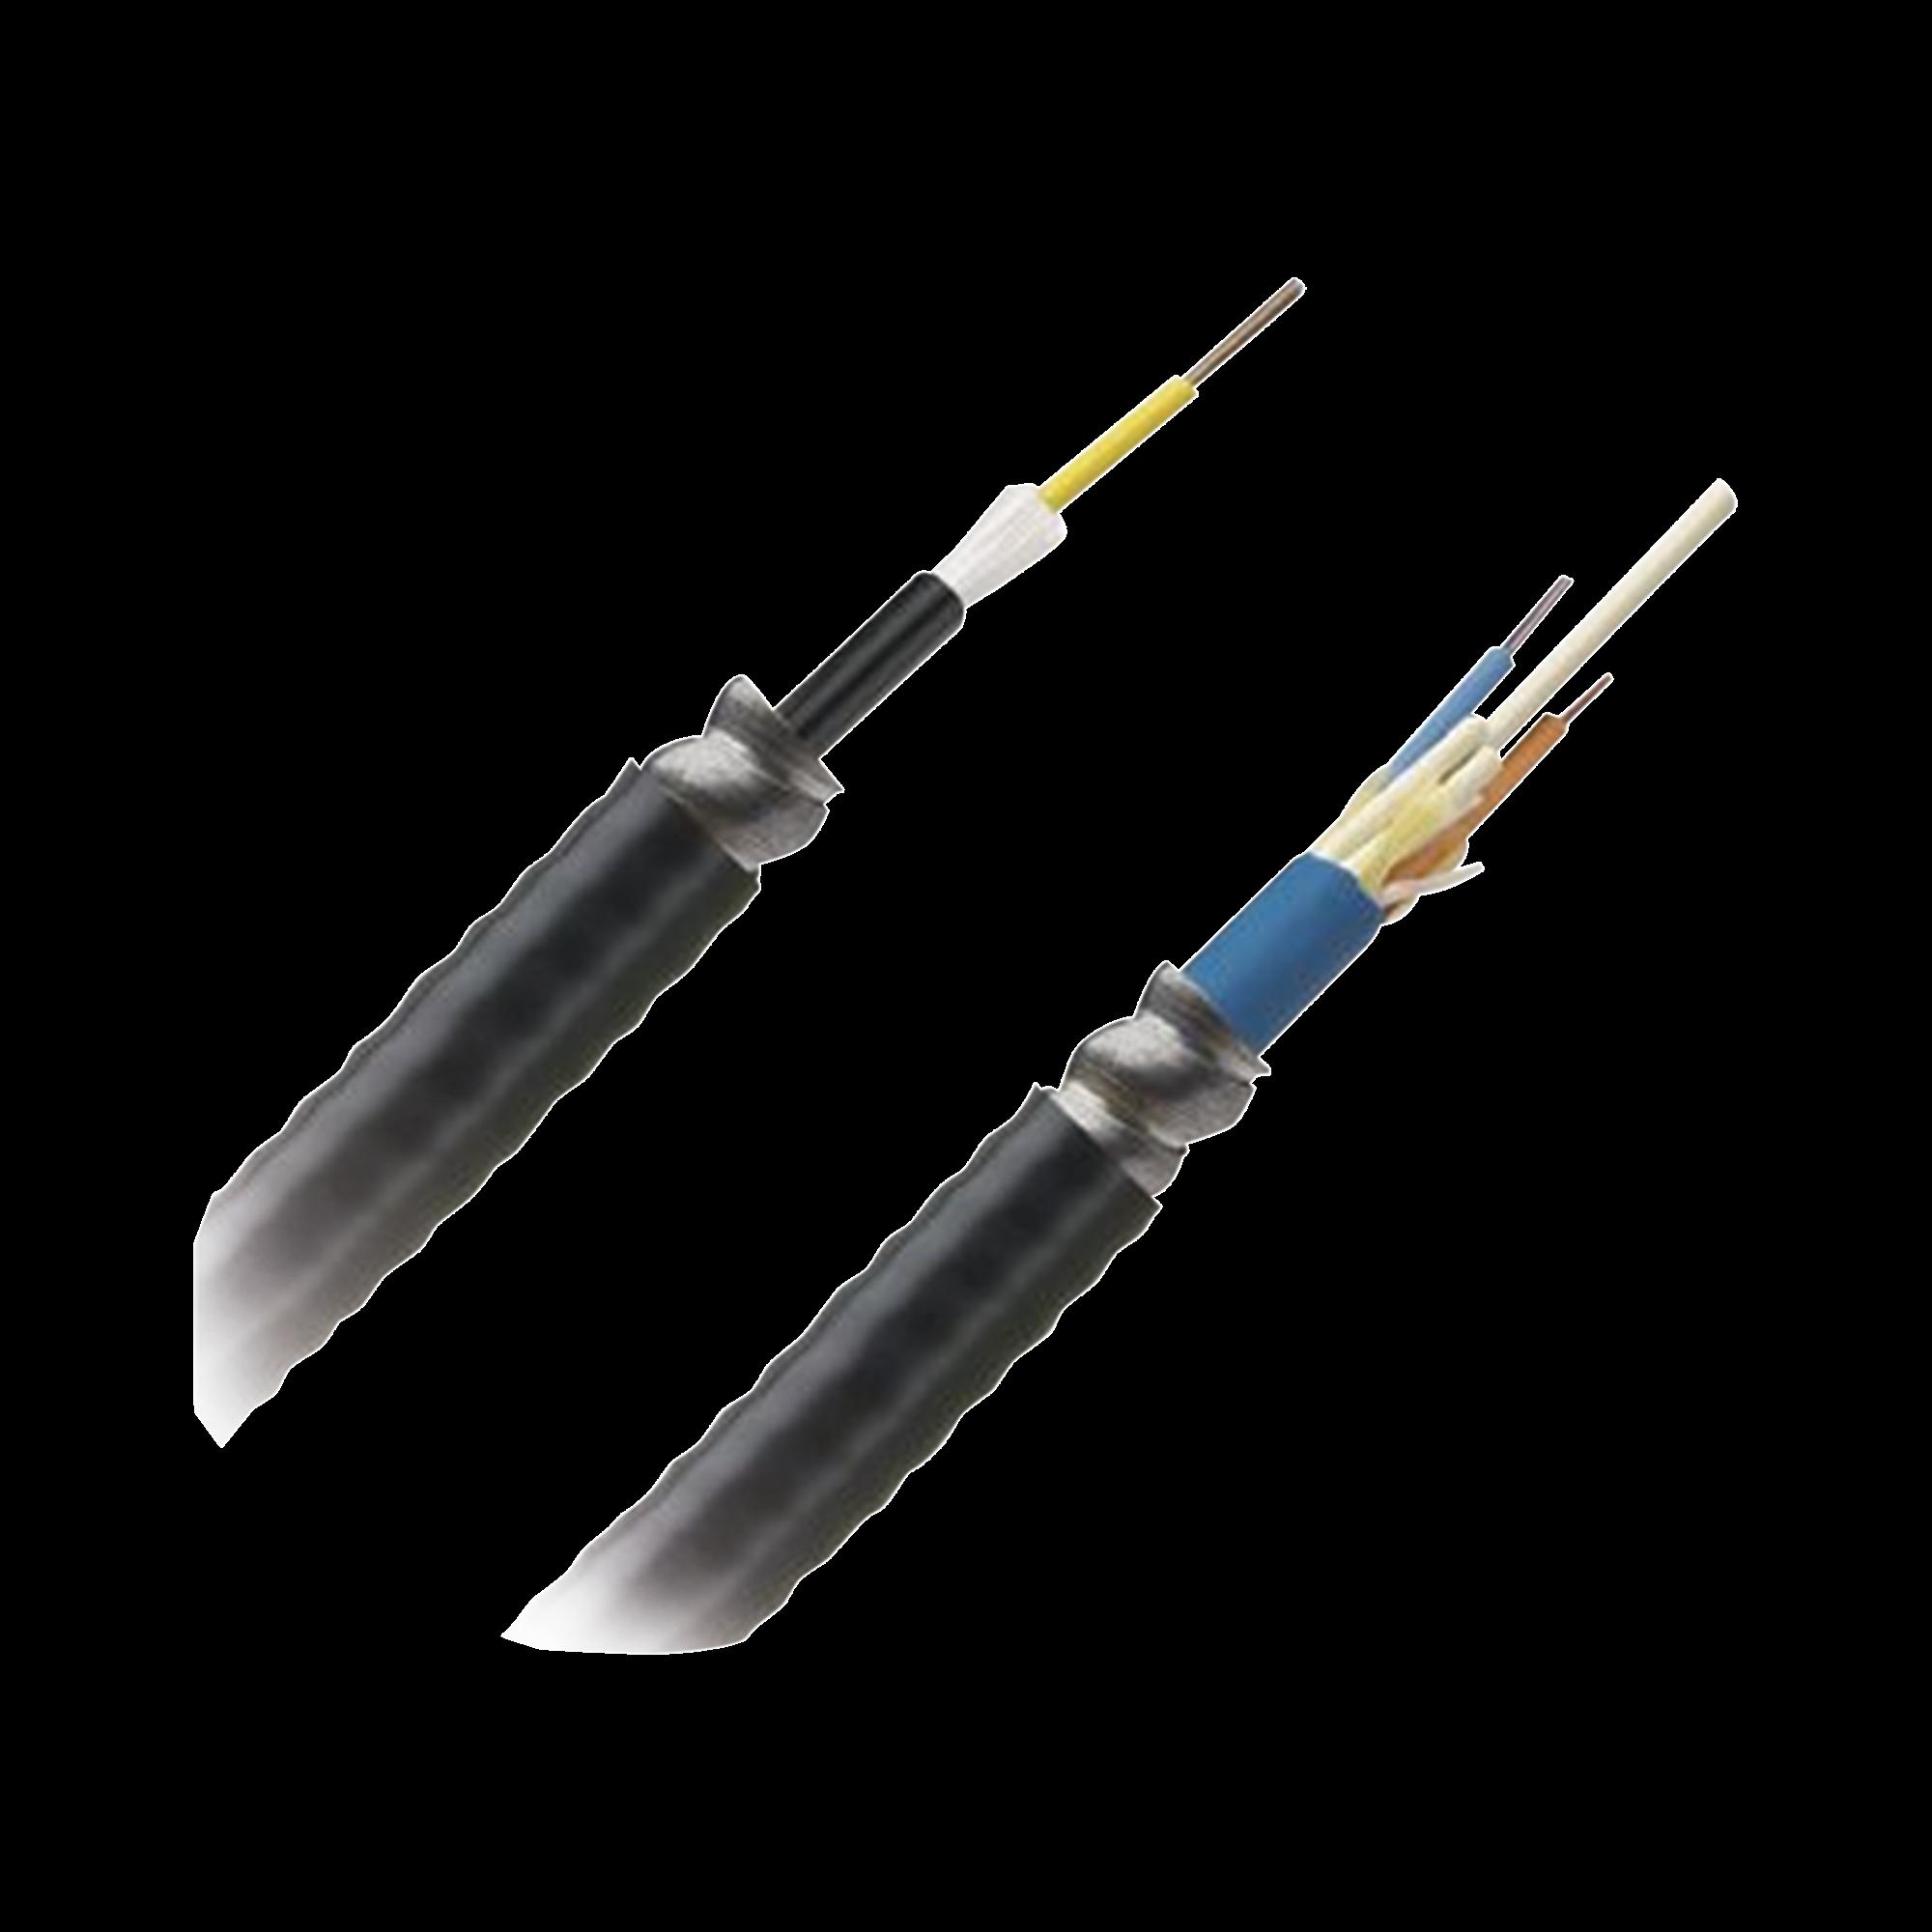 Cable de Fibra optica de 12 hilos, Multimodo OM4 50/125 Optimizada, Interior/Exterior, Armada, Loose Tube 250um, OFCR (Riser), Precio Por Metro